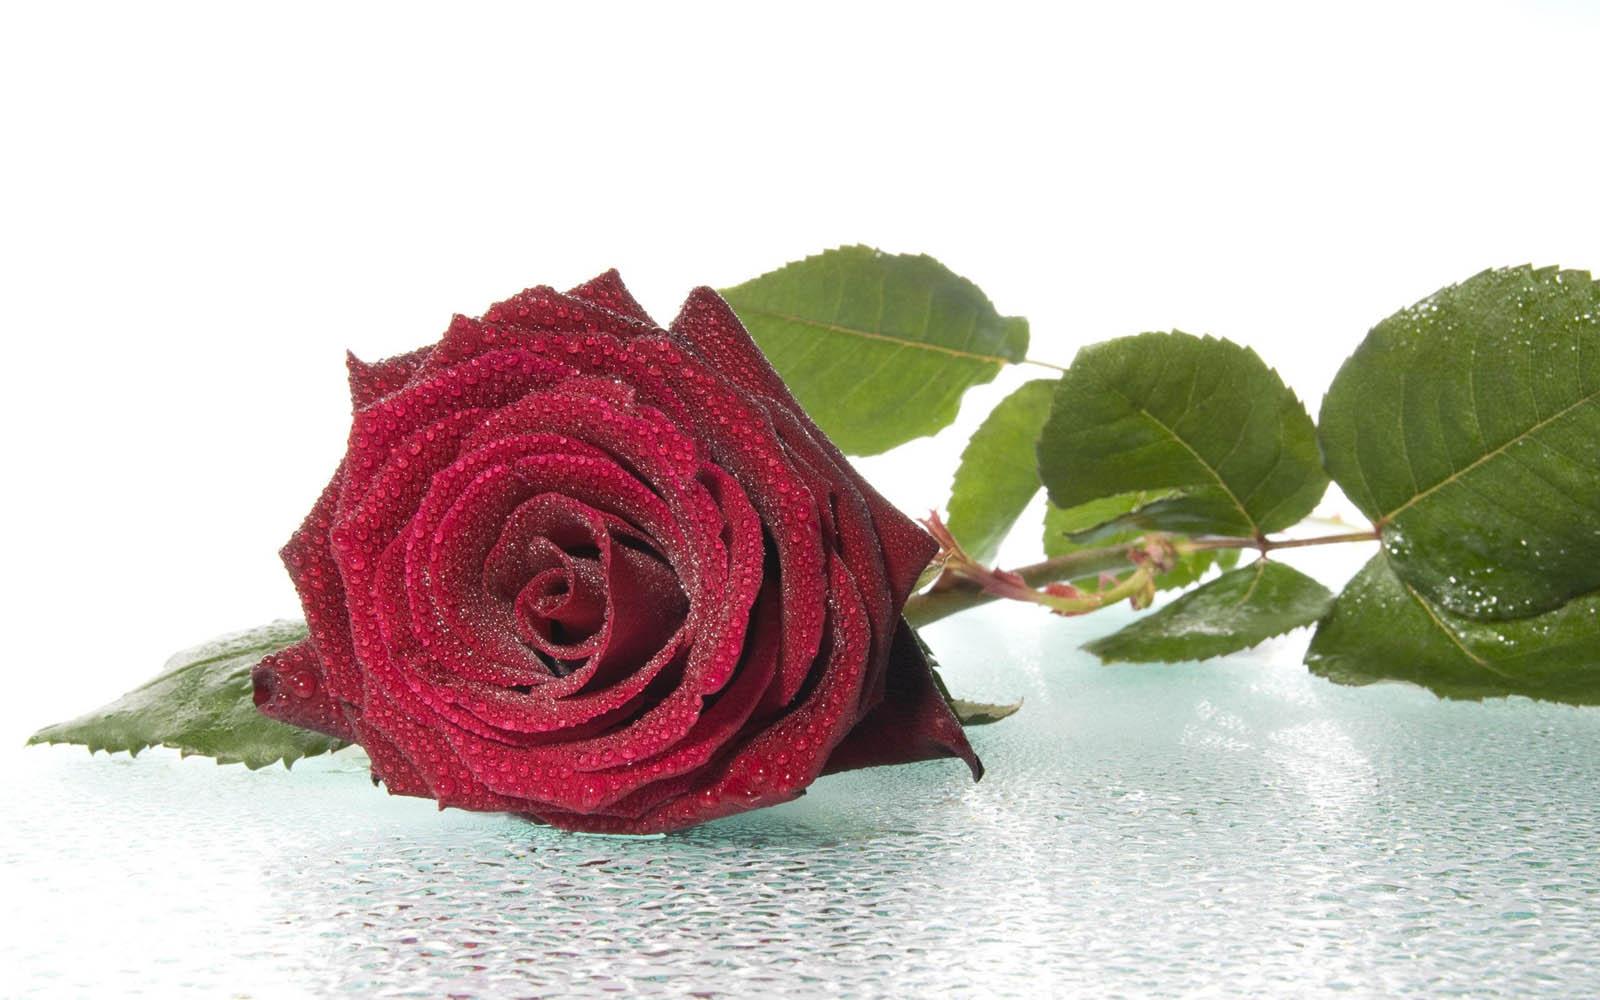 red rose desktop background - photo #5